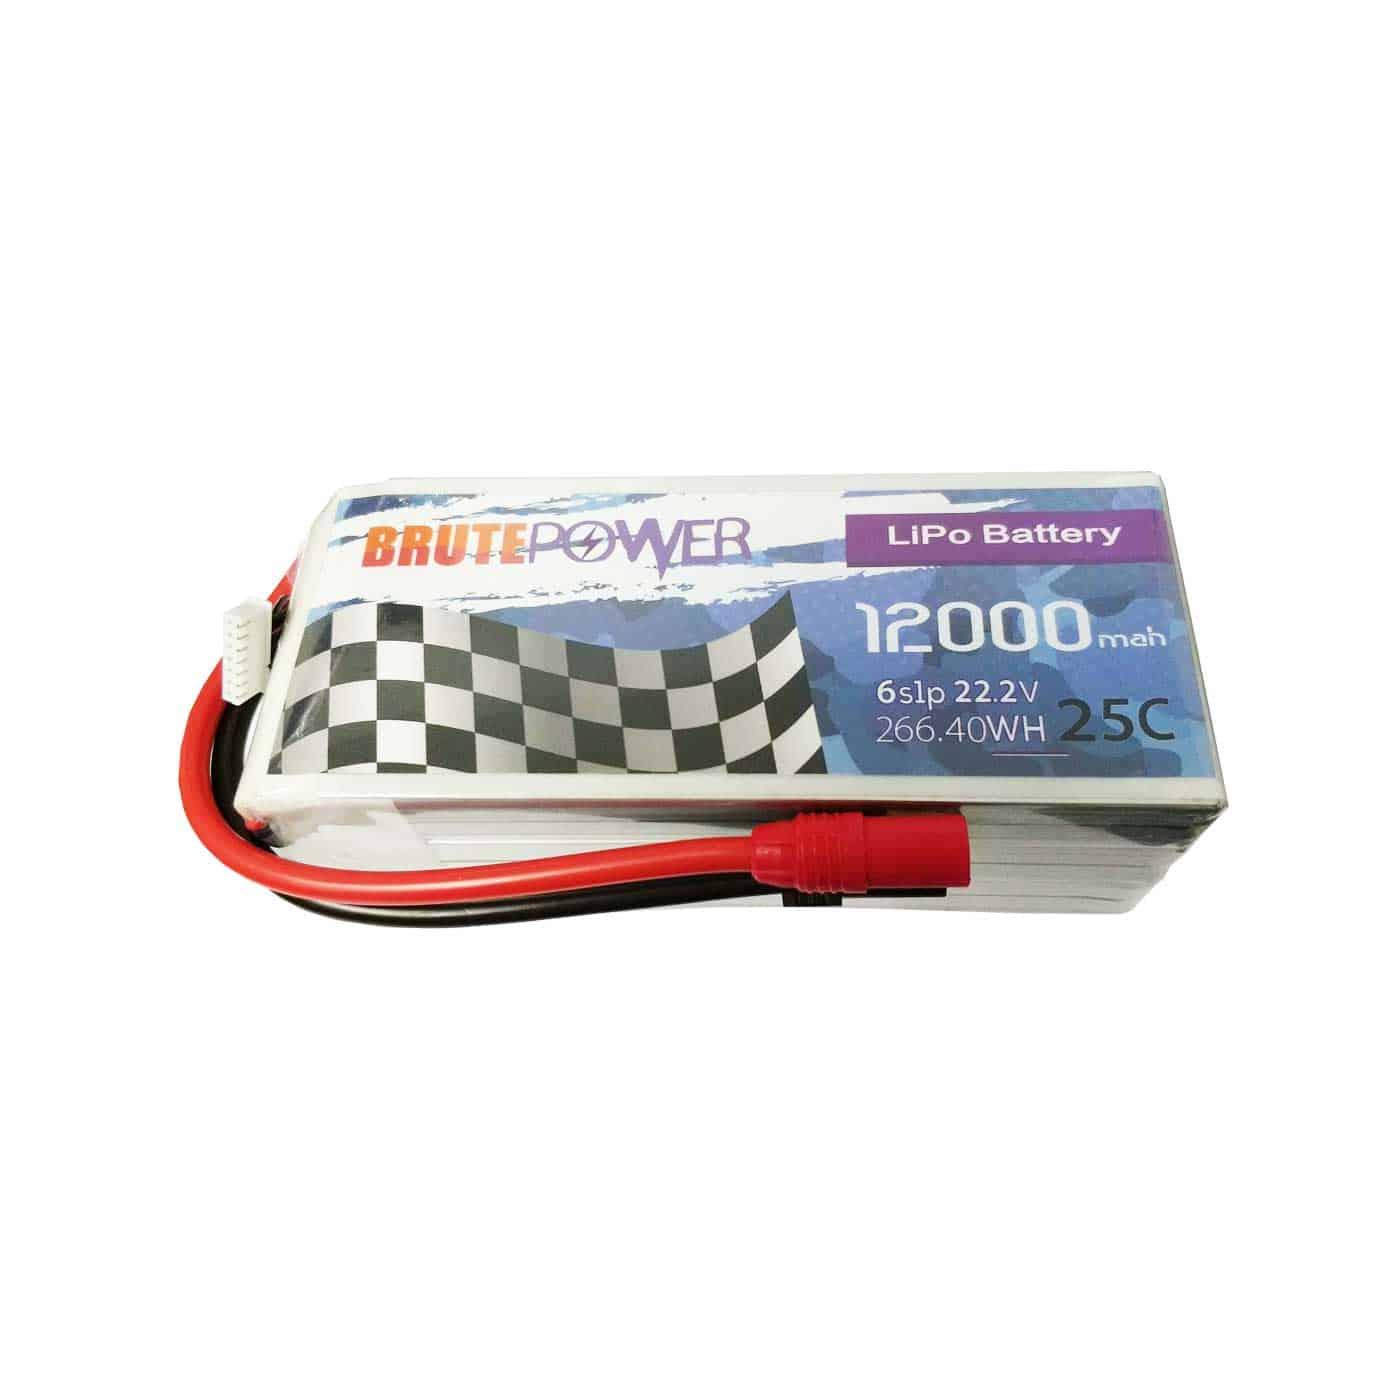 Batería Lipo 6s 12000mah